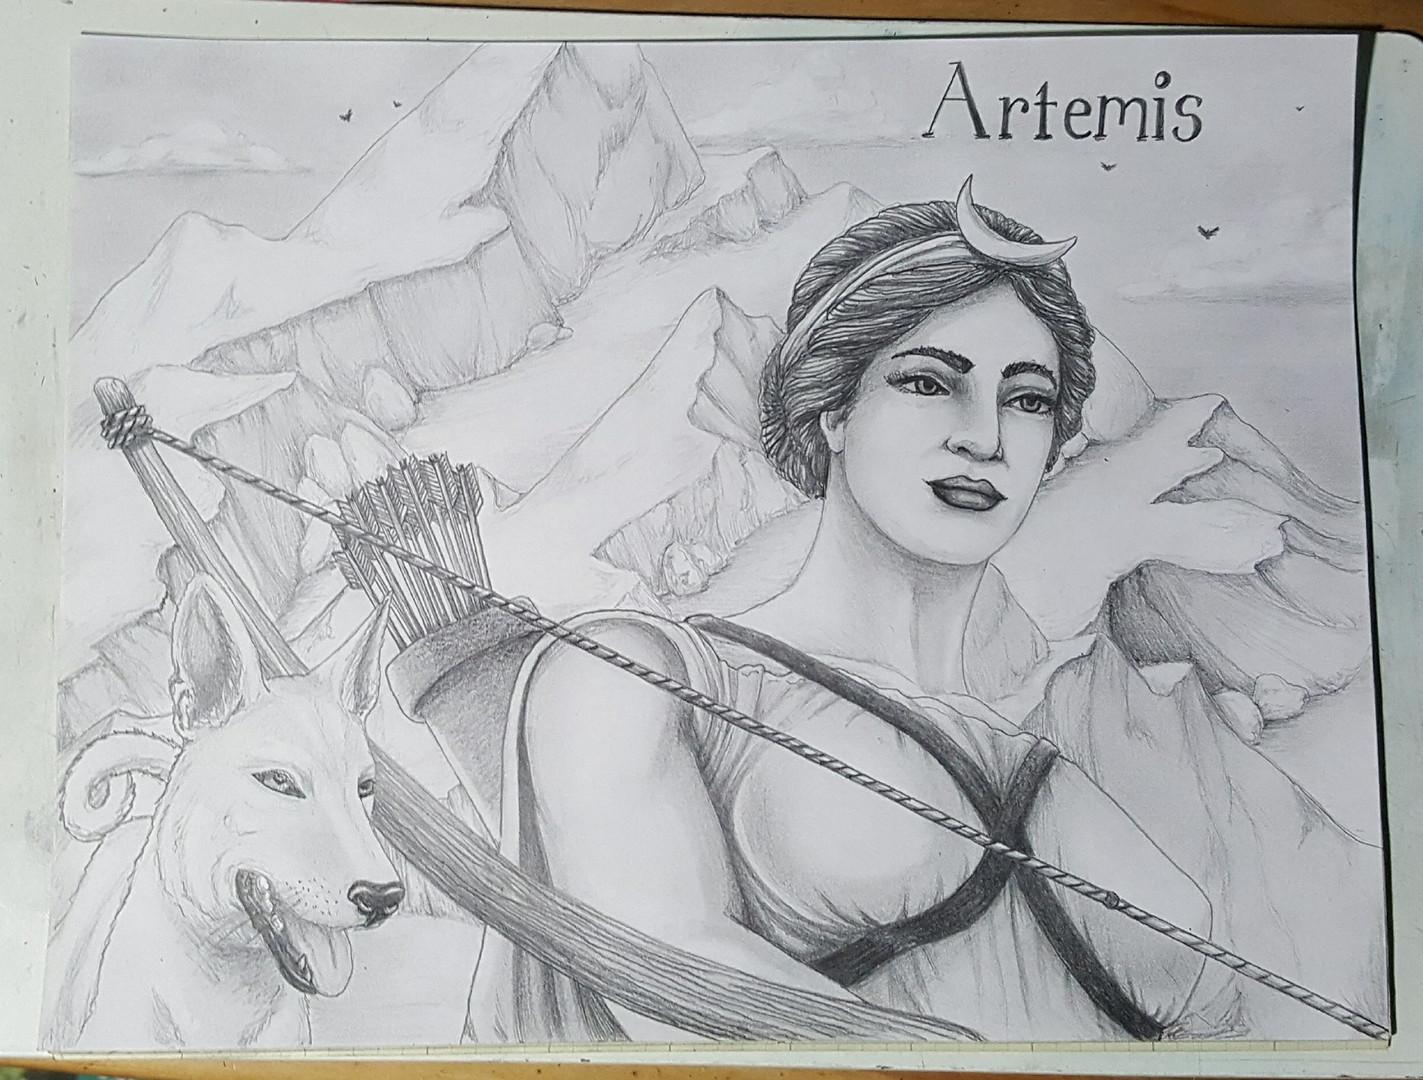 The huntress, Artemis